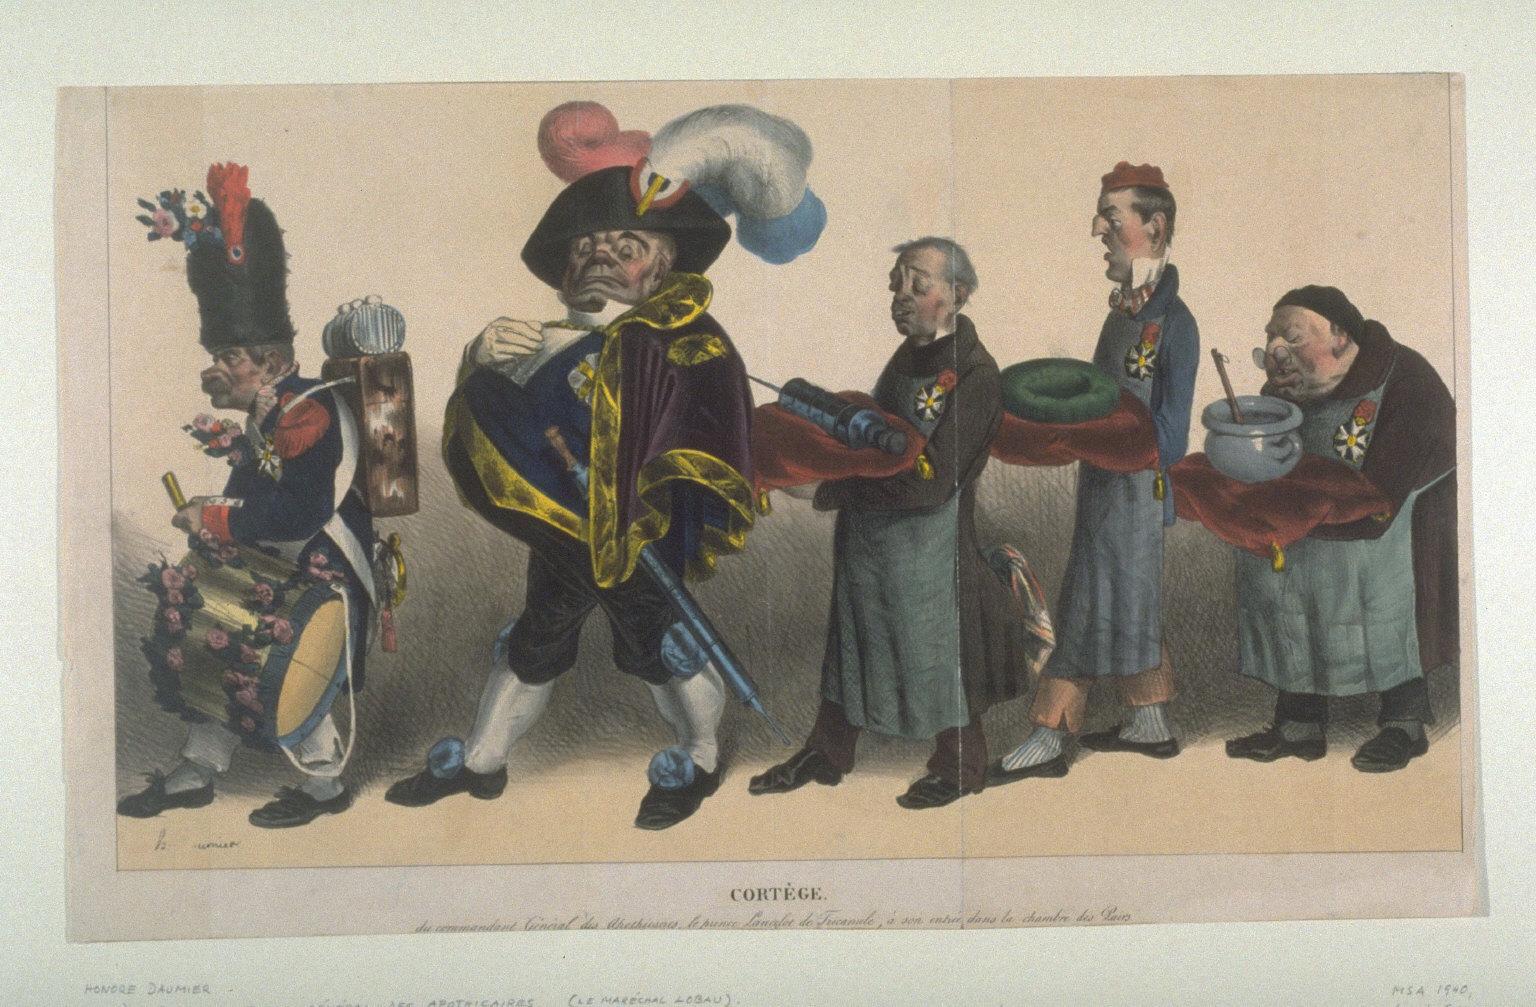 Cortege du Commandant General des Apothicaires published in La Caricature, 1 August 1833